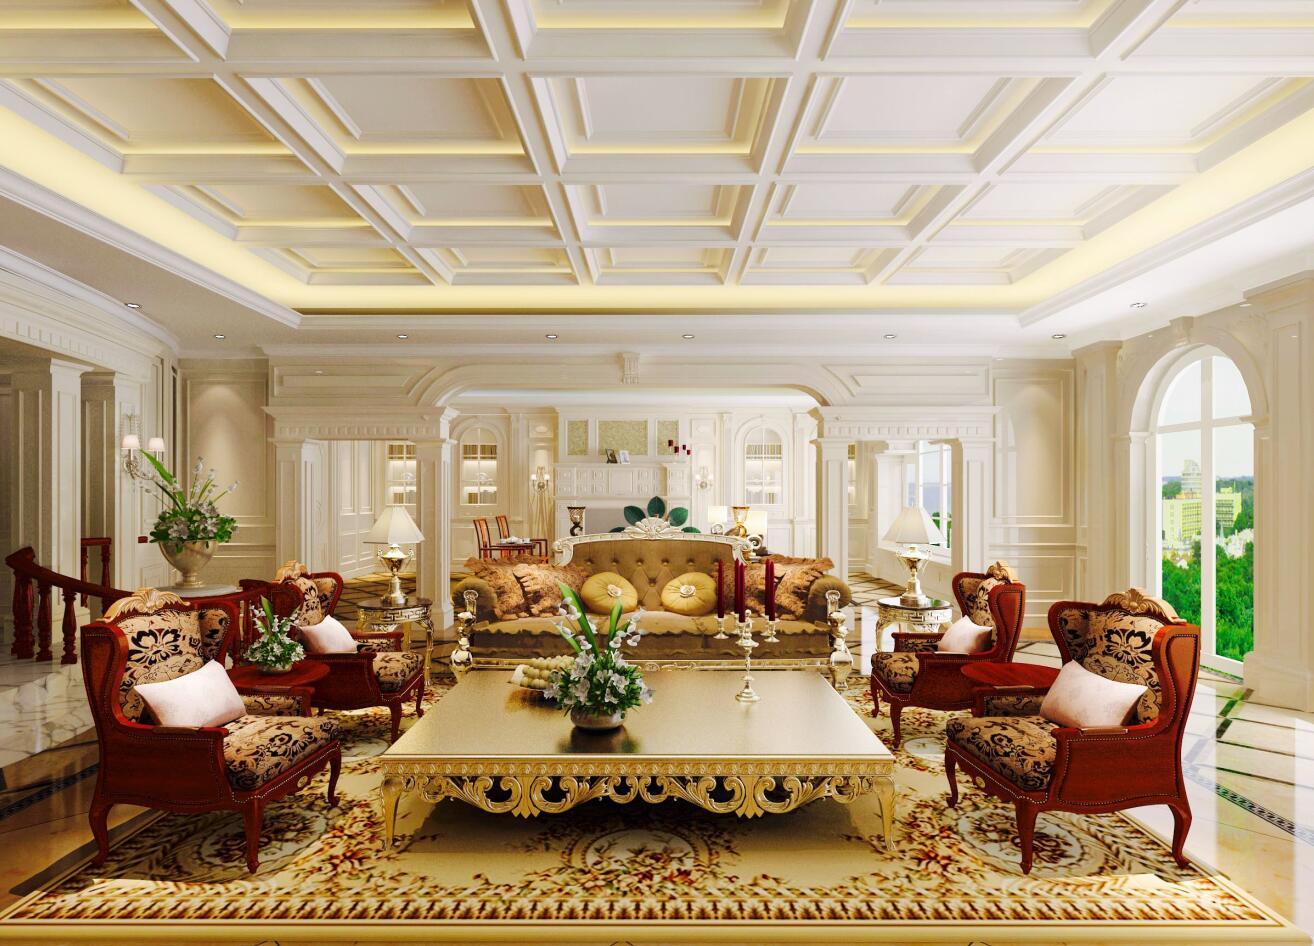 祥生御江湾 装修设计 欧式风格 腾龙设计 劳纳作品 客厅图片来自室内设计师劳纳在祥生御江湾大宅欧式风格的分享